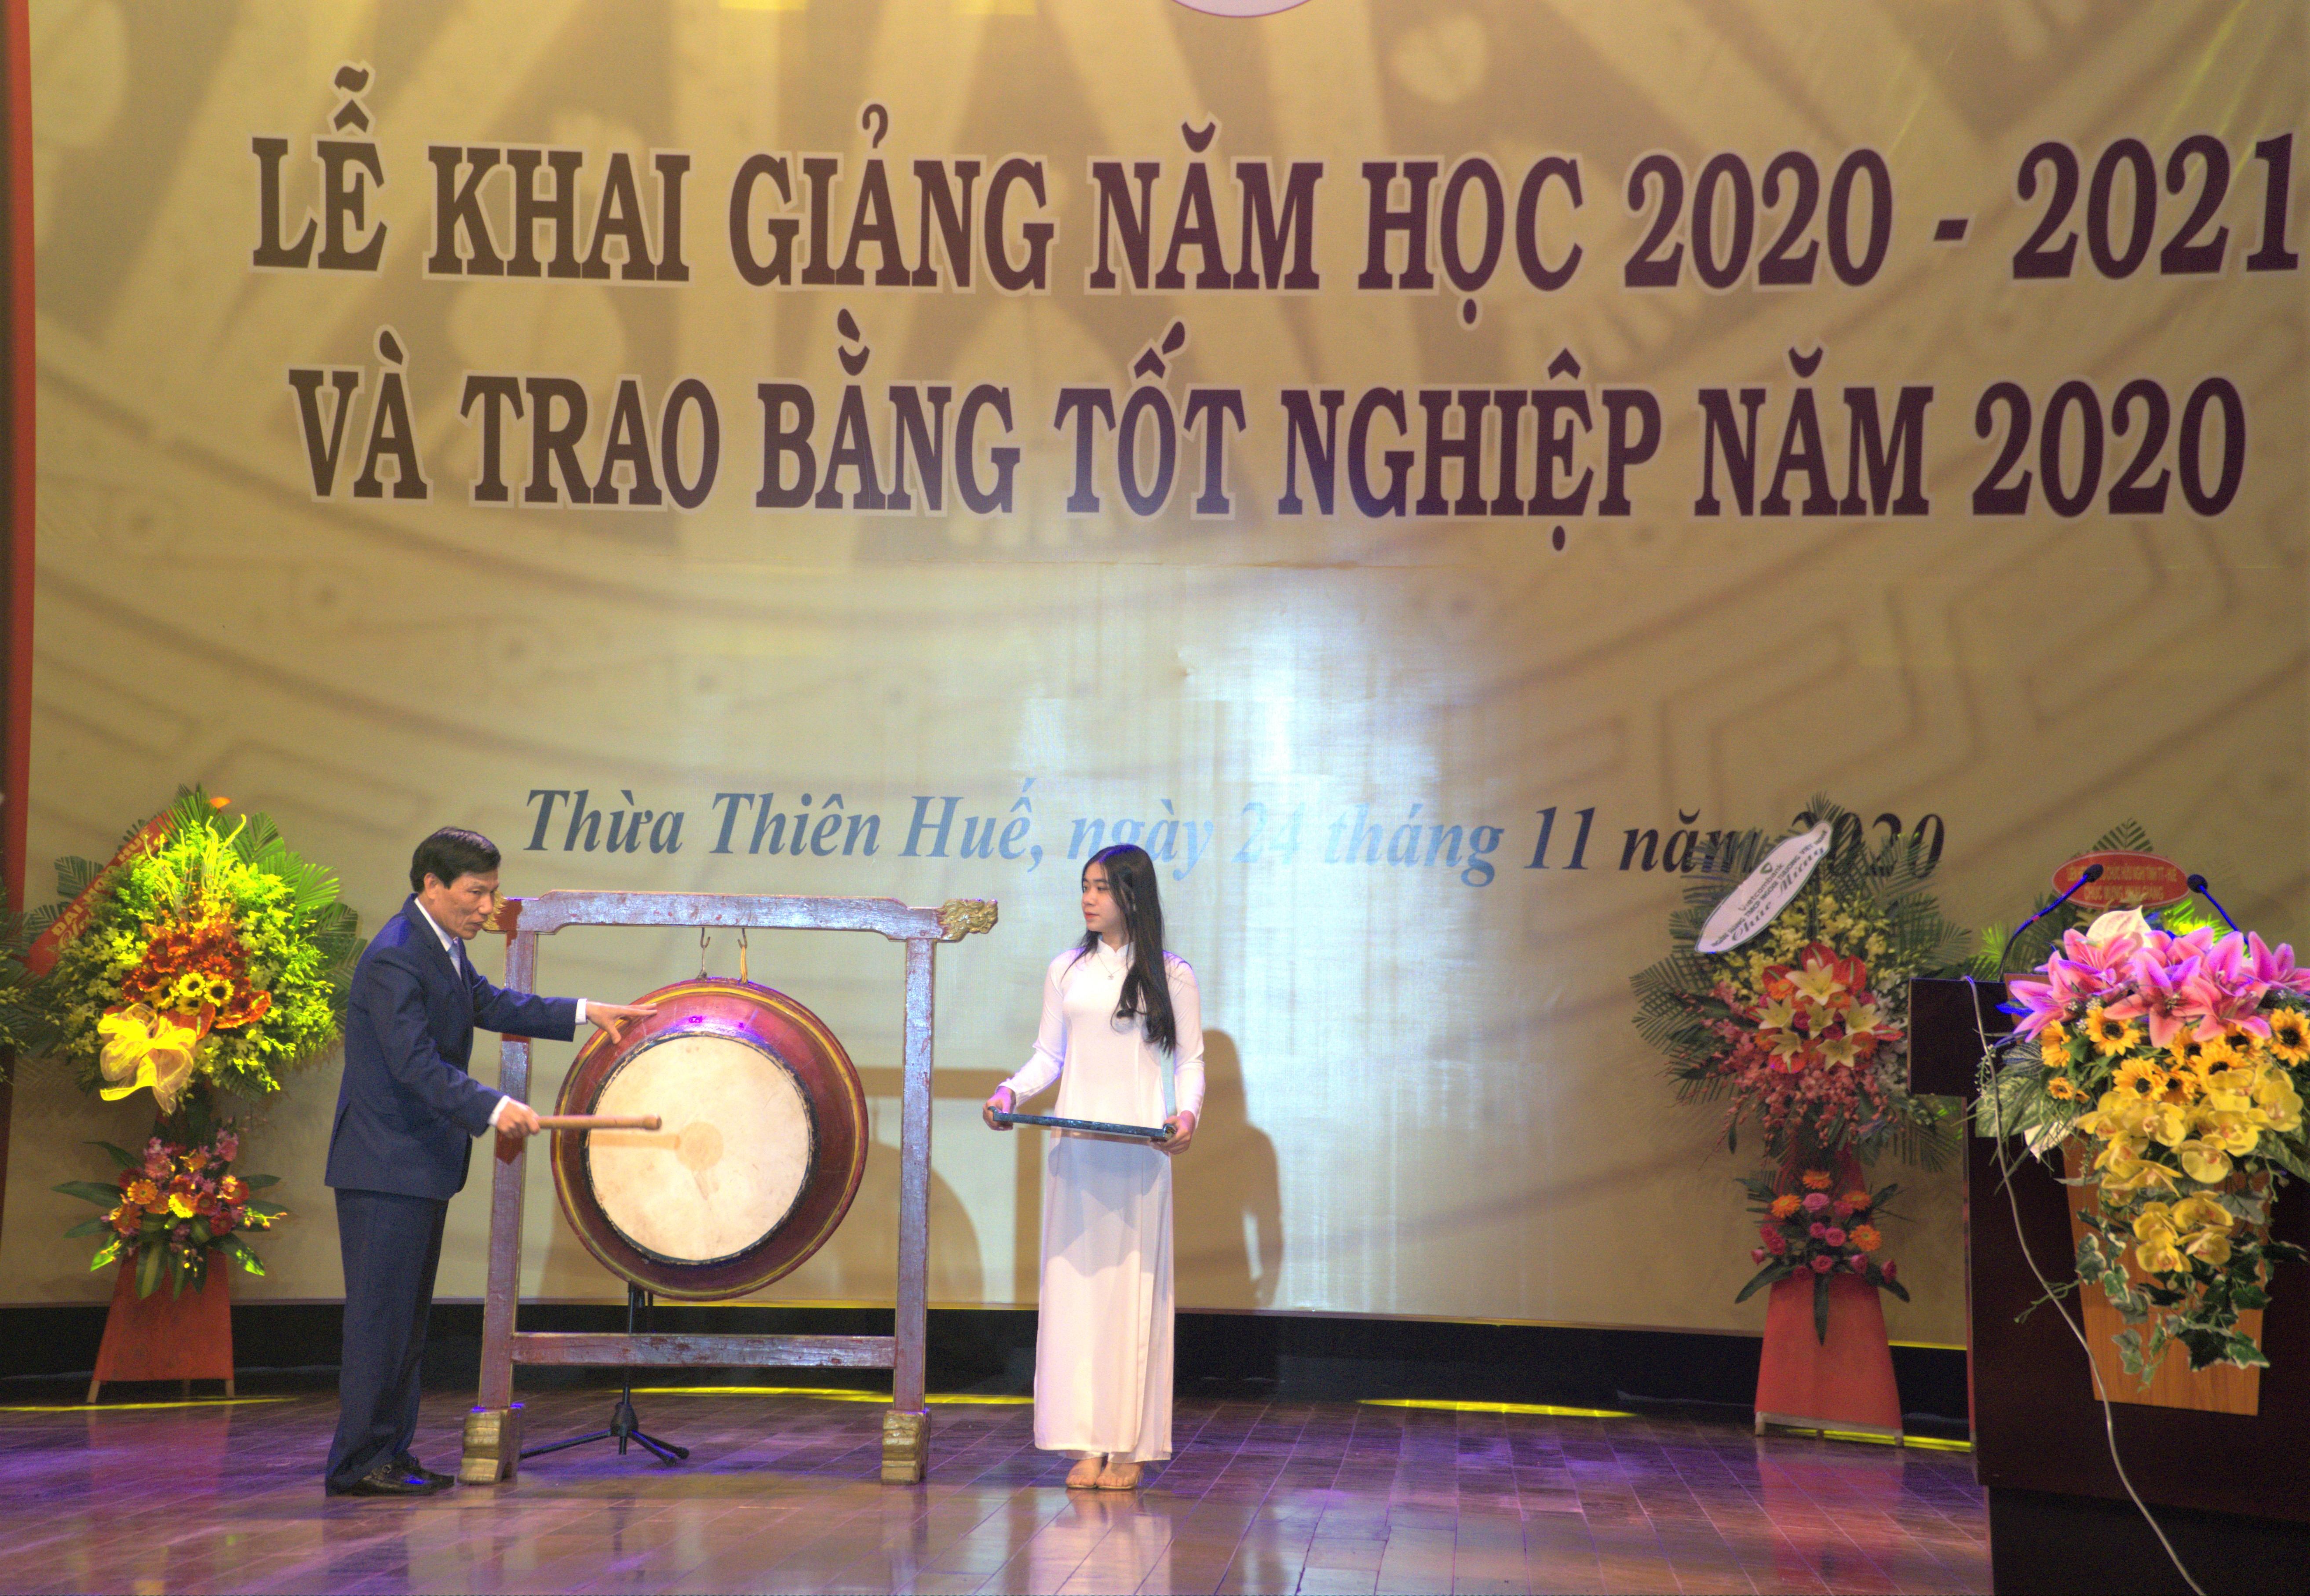 Bộ trưởng Bộ VHTTDL Nguyễn Ngọc Thiện đánh trống khai giảng năm học 2020 – 2021